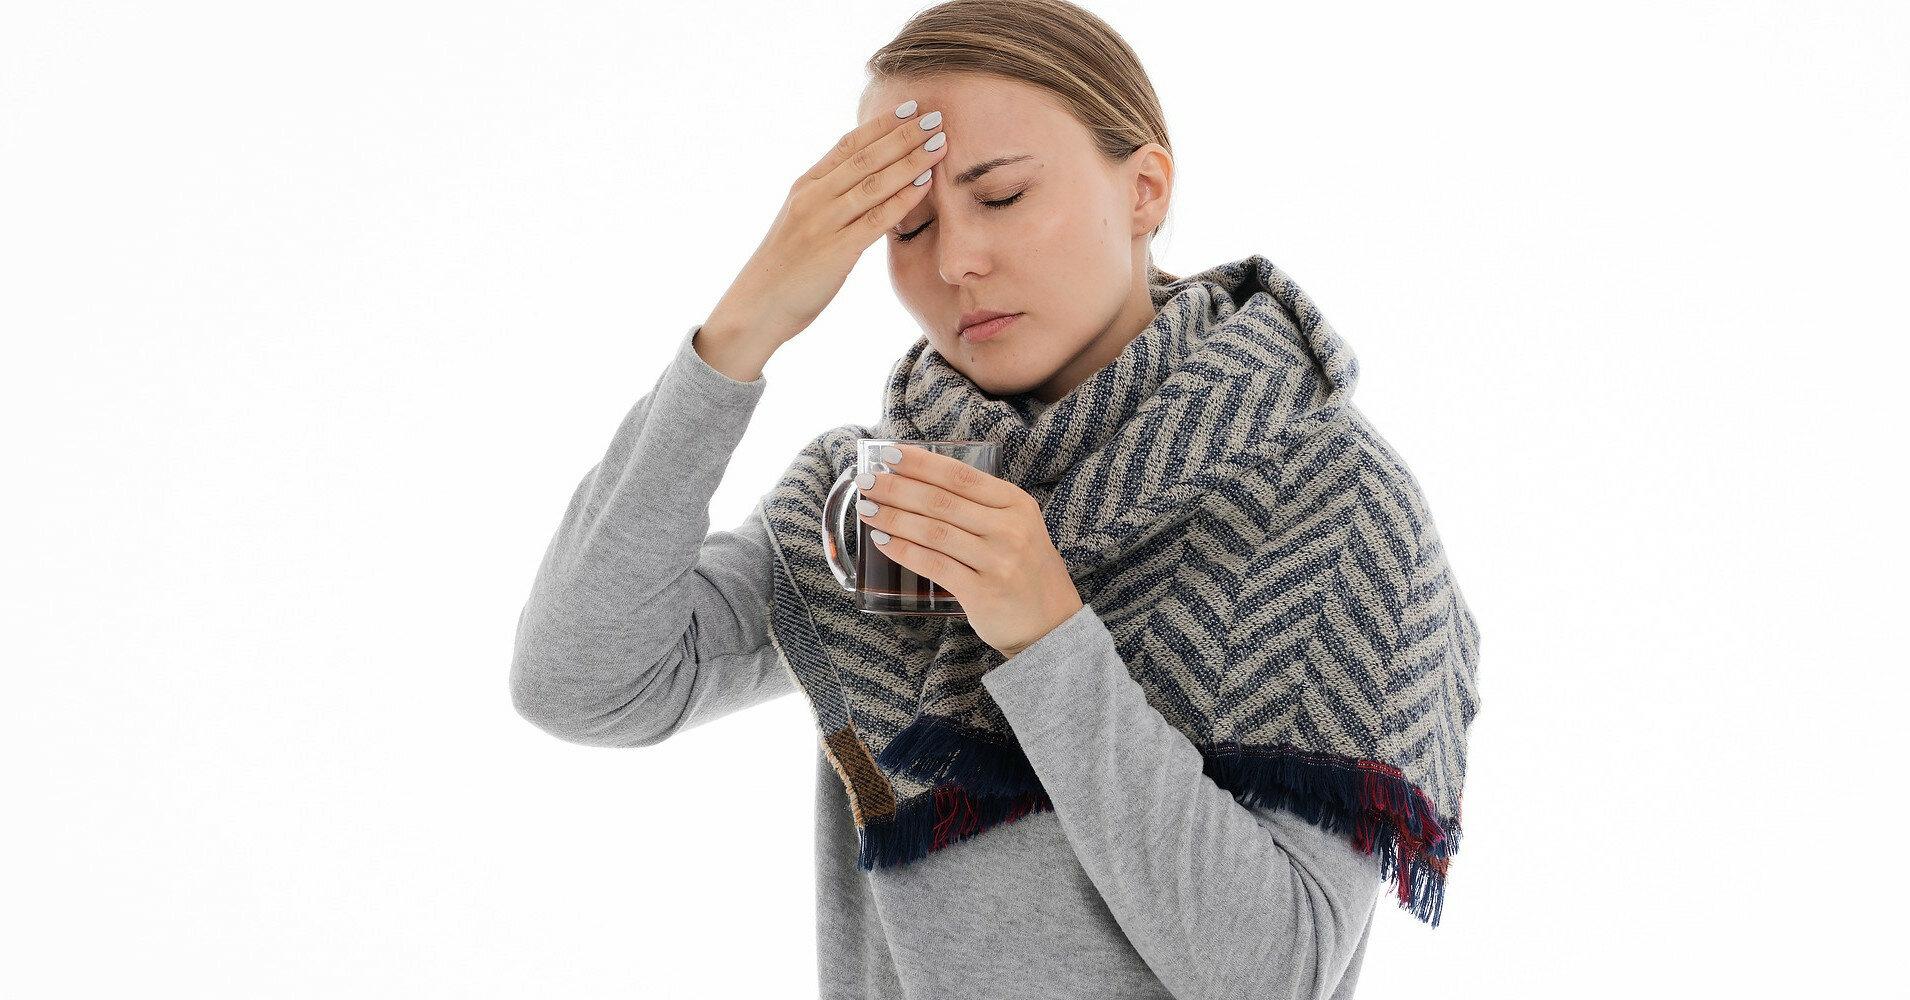 Медики объяснили, как не перепутать лептоспироз и коронавирус